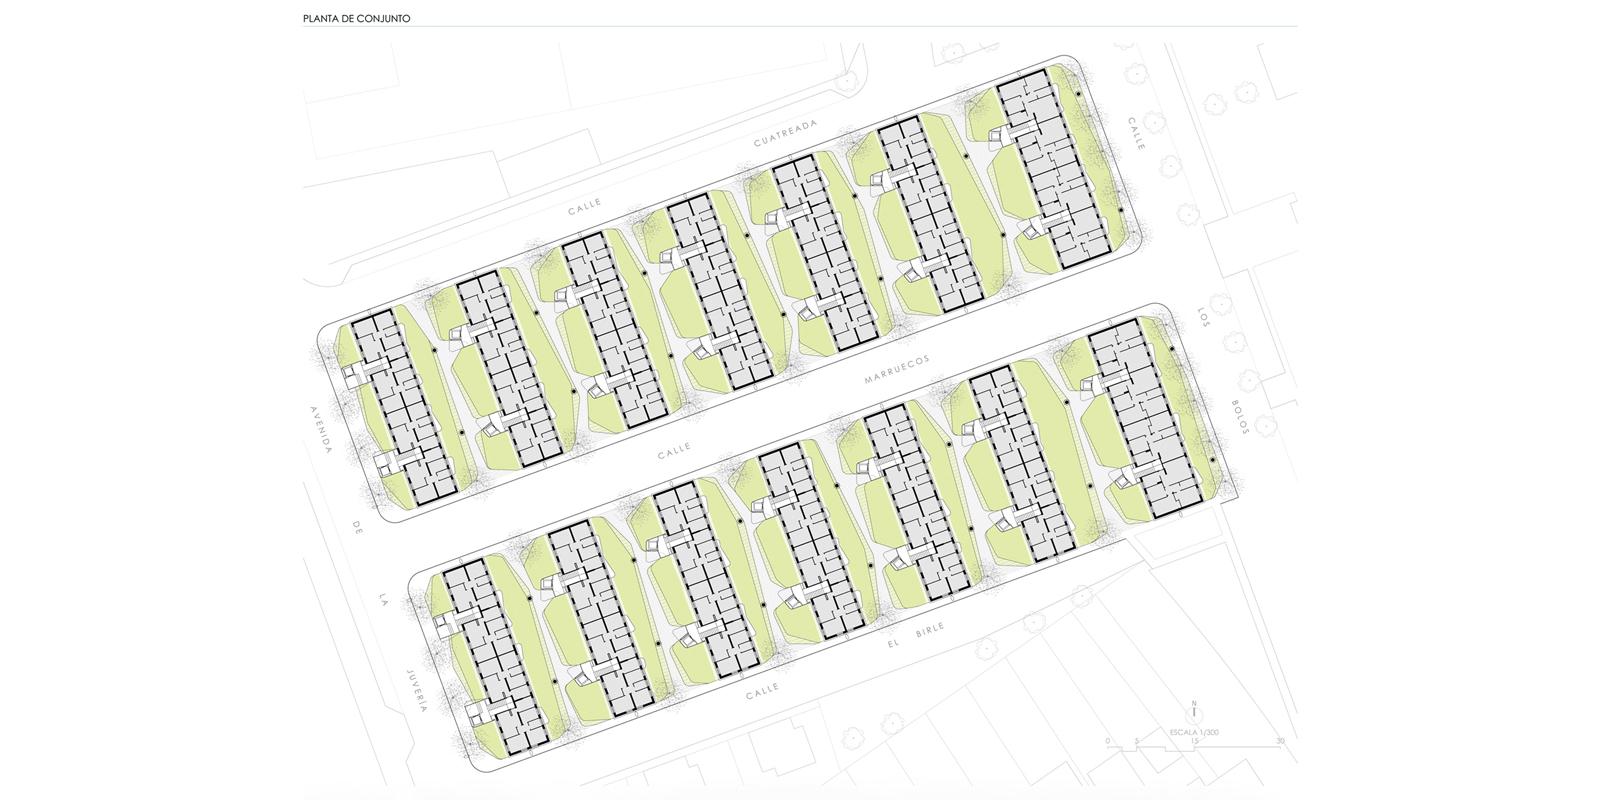 viviendas plano 1